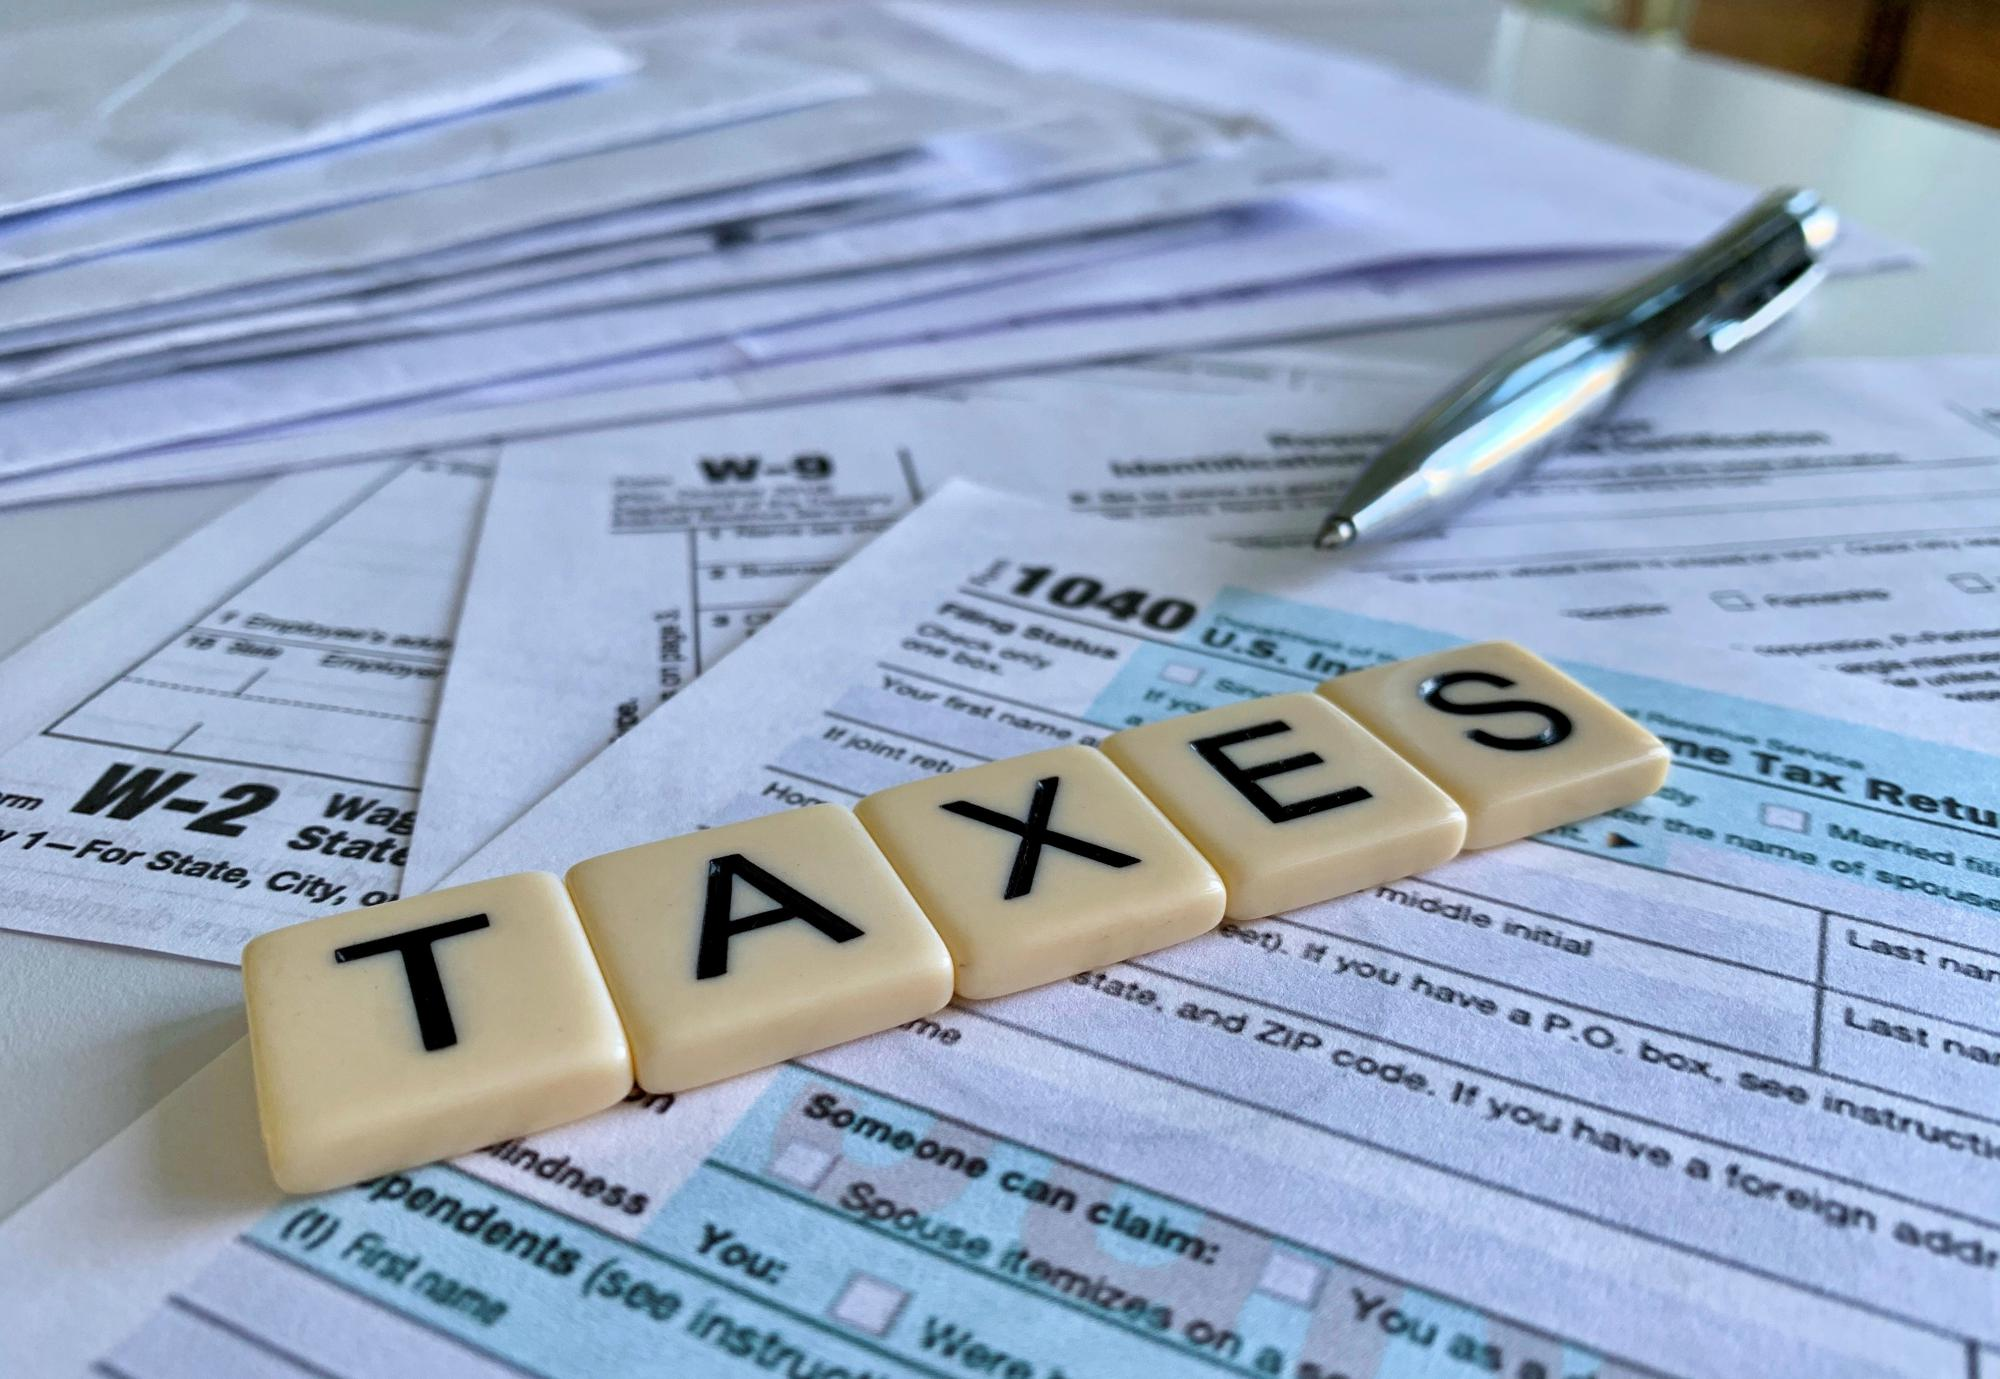 ФНС России разъяснен порядок предоставления сведений, составляющих налоговую тайну